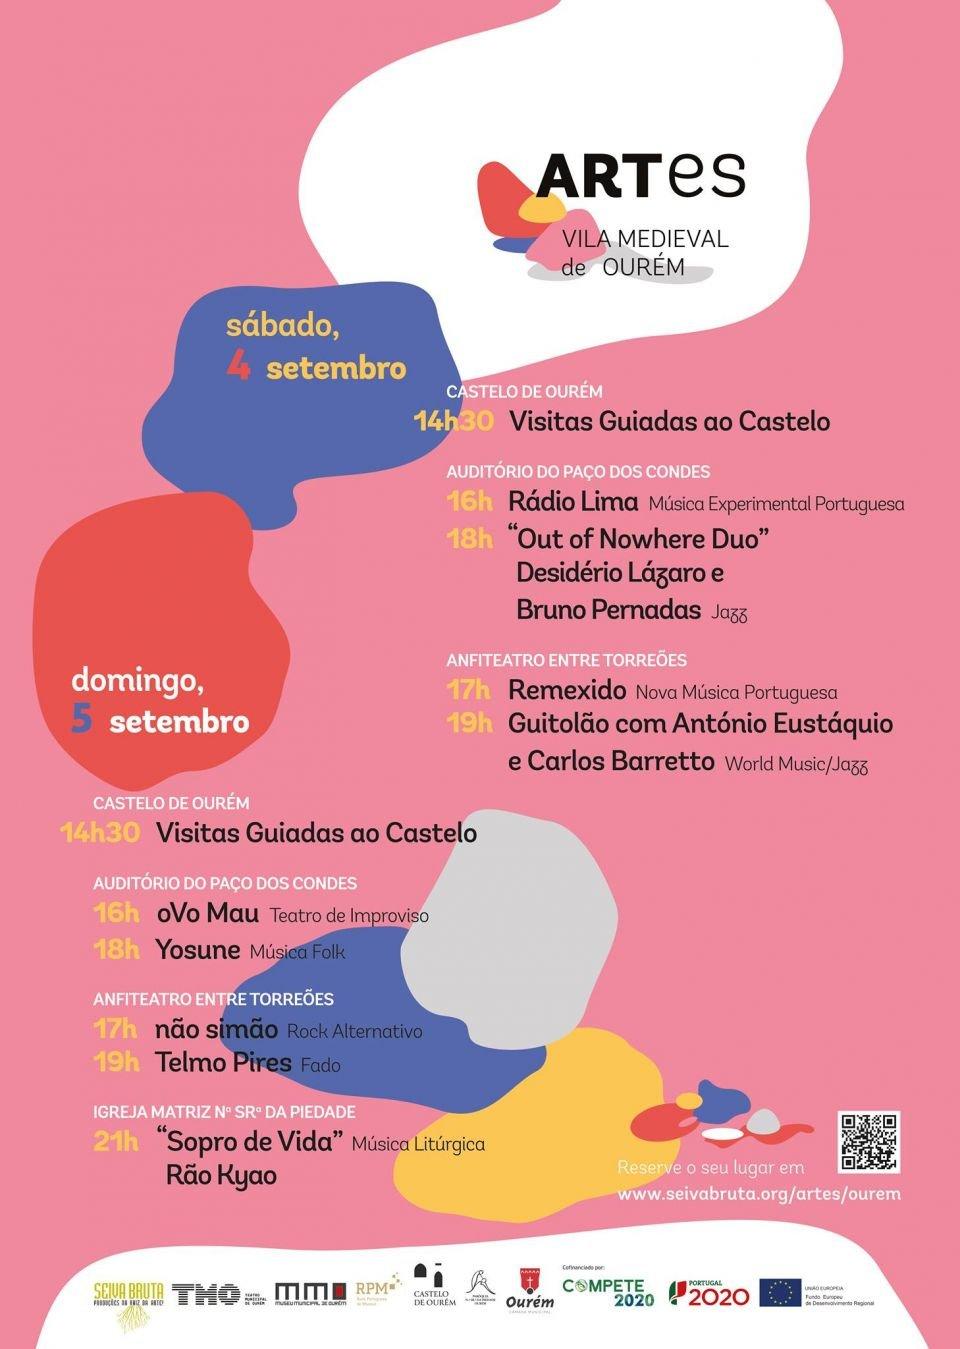 FESTIVAL ARTes - VILA MEDIEVAL DE OURÉM   'OVO MAU' Teatro de Improviso